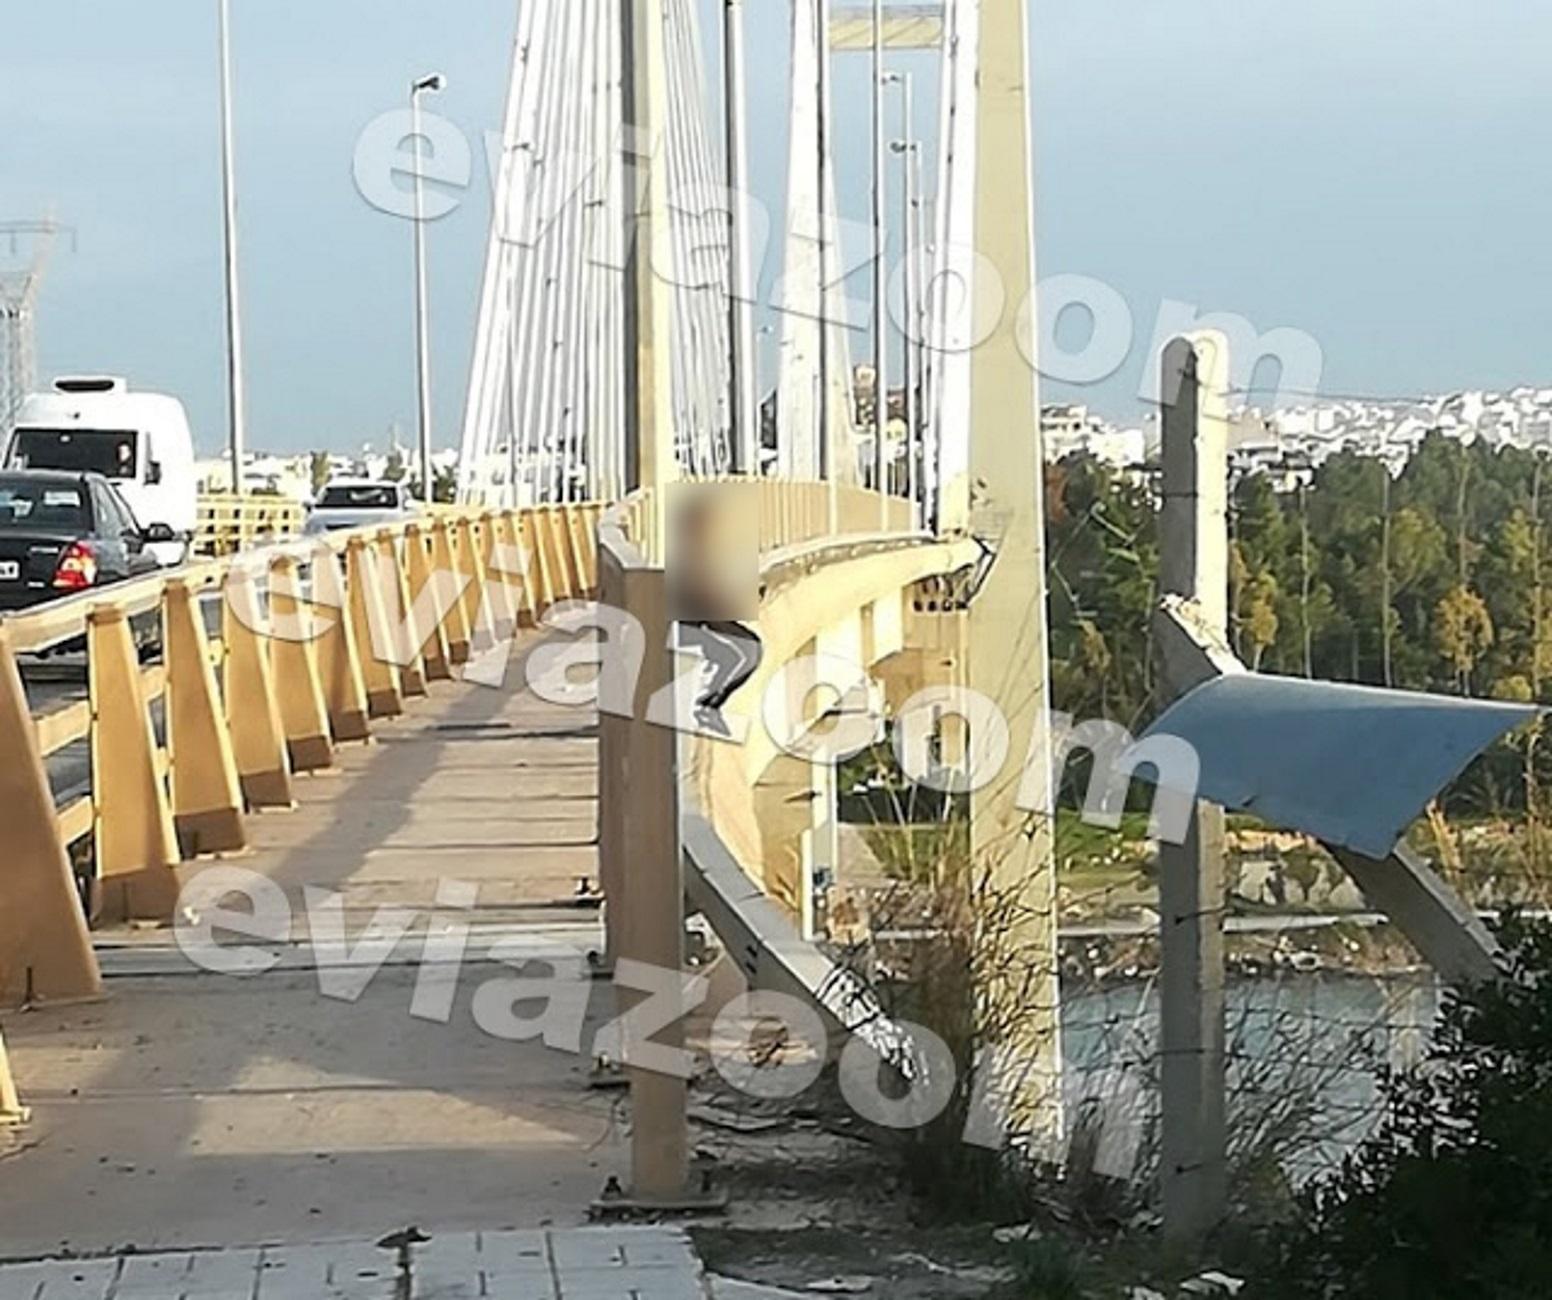 Χαλκίδα: Απειλούσε για δύο ώρες να αυτοκτονήσει! Η τραγική οικογενειακή ιστορία πίσω από τις εικόνες (Φωτό)